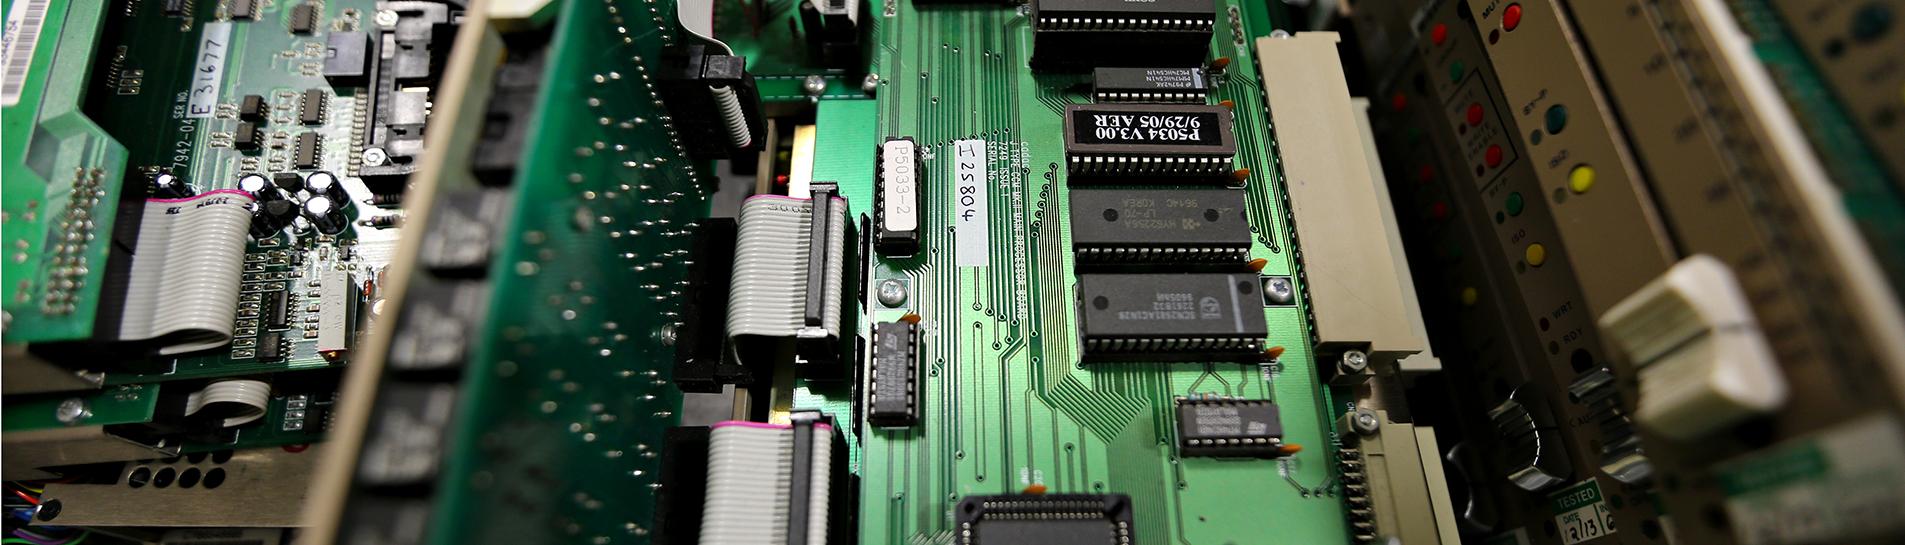 repairs-imagev3